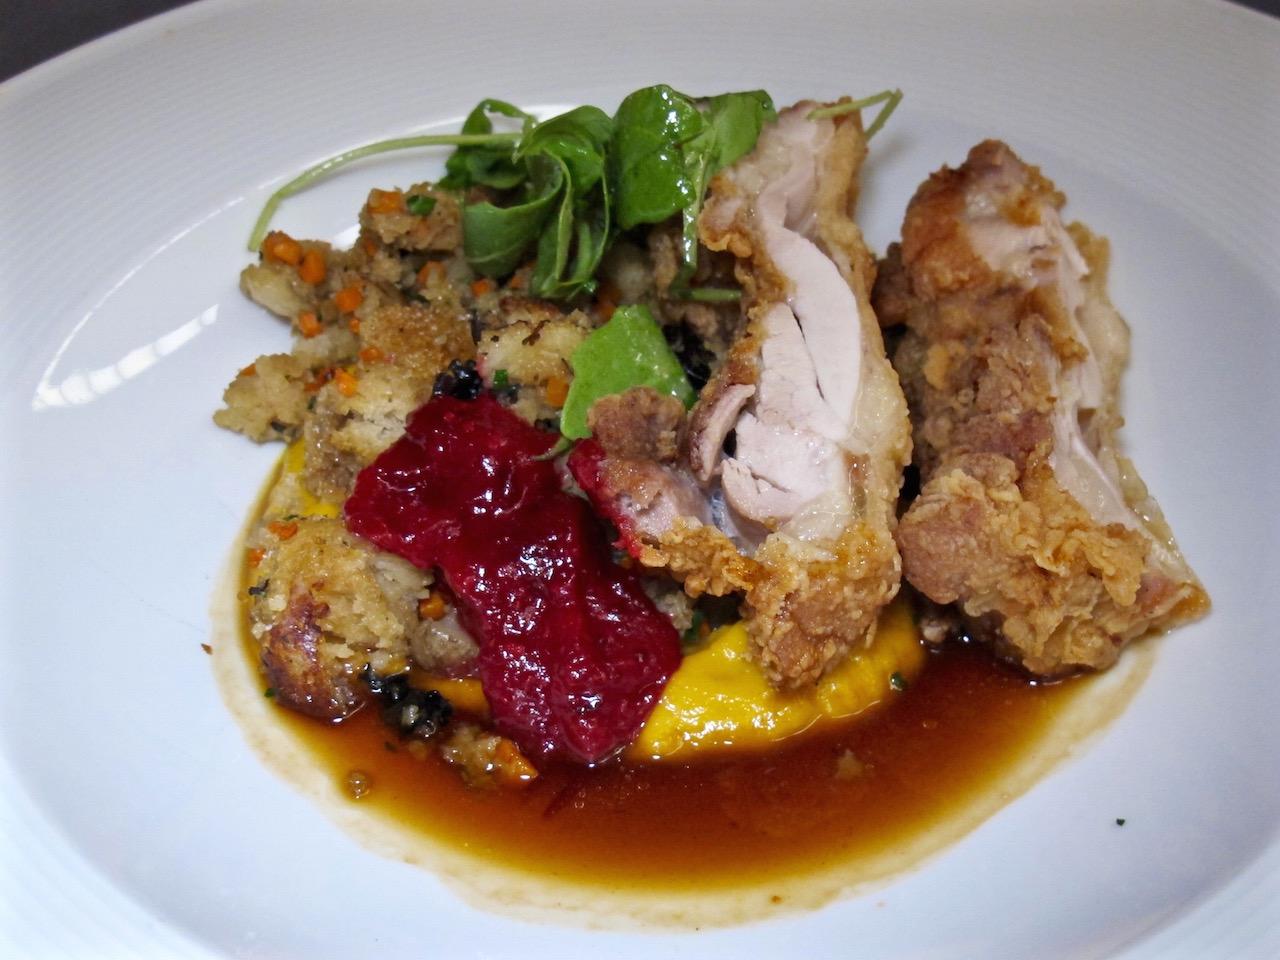 Redd Chicken